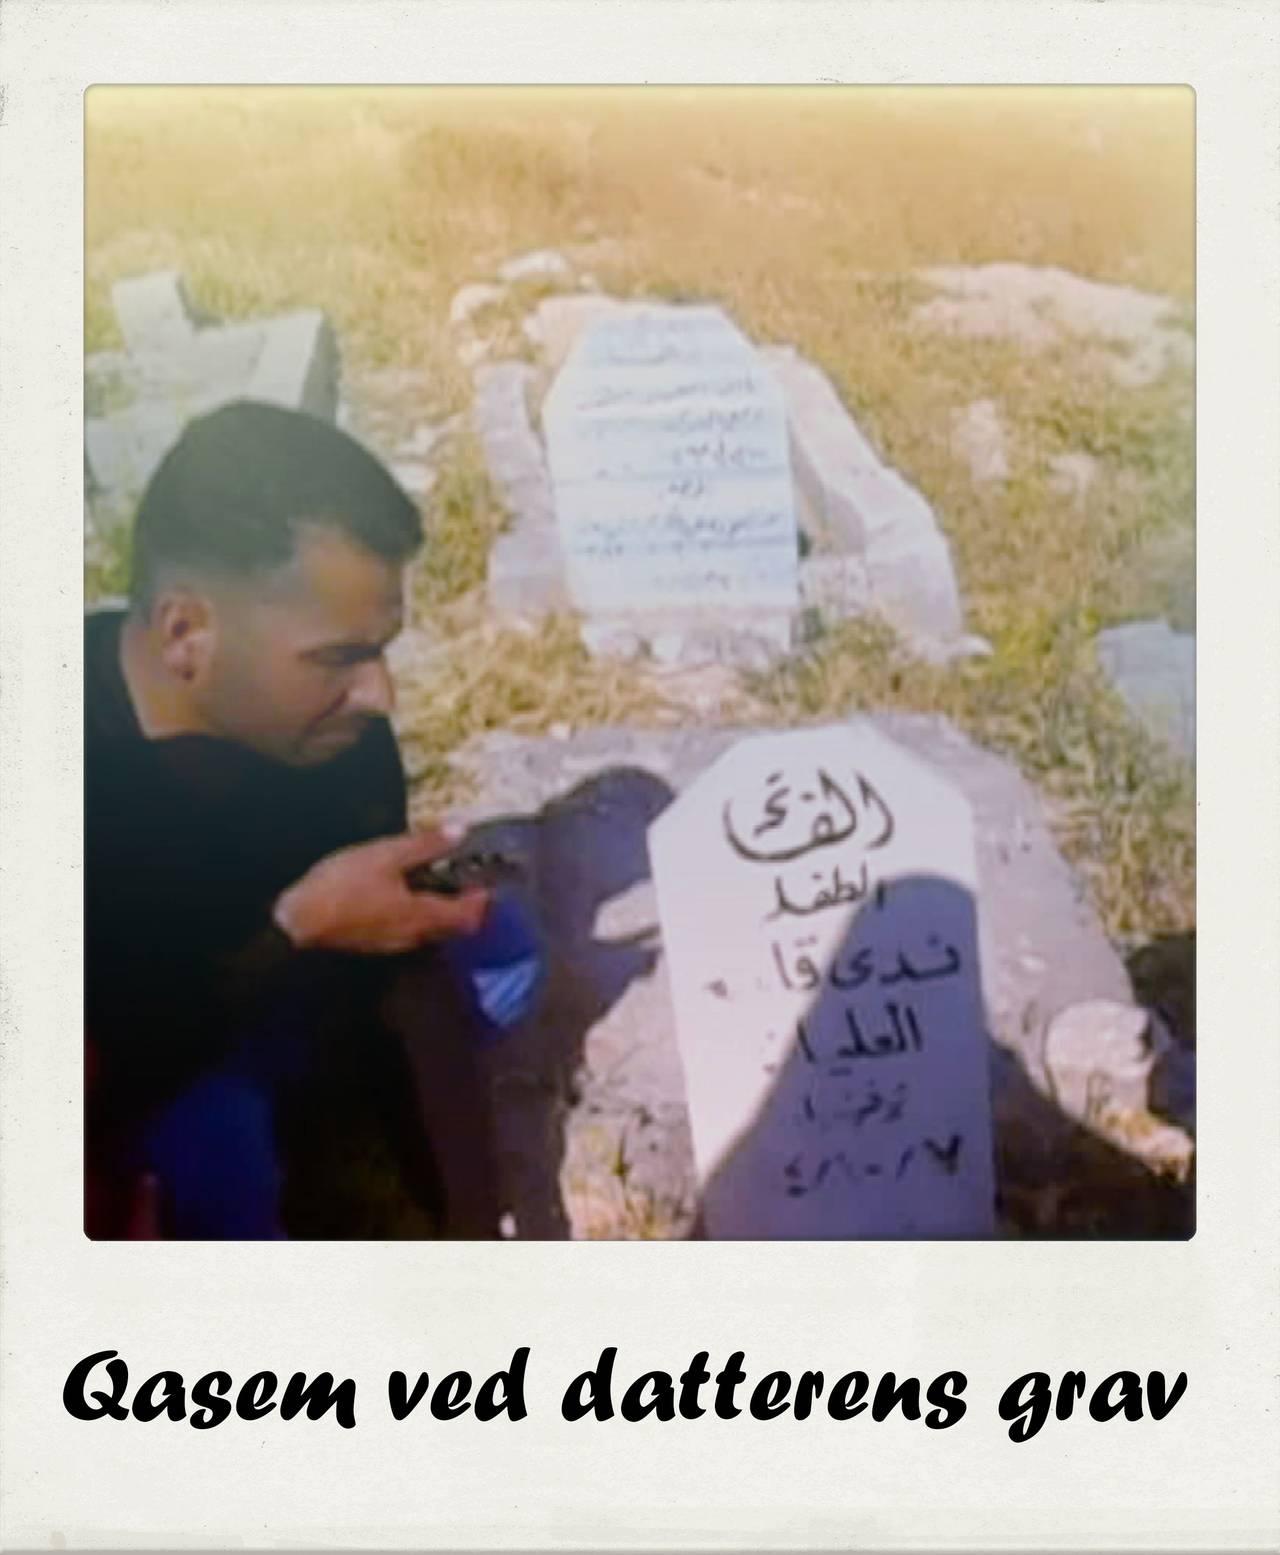 Quasem Alelain ved datterens grav